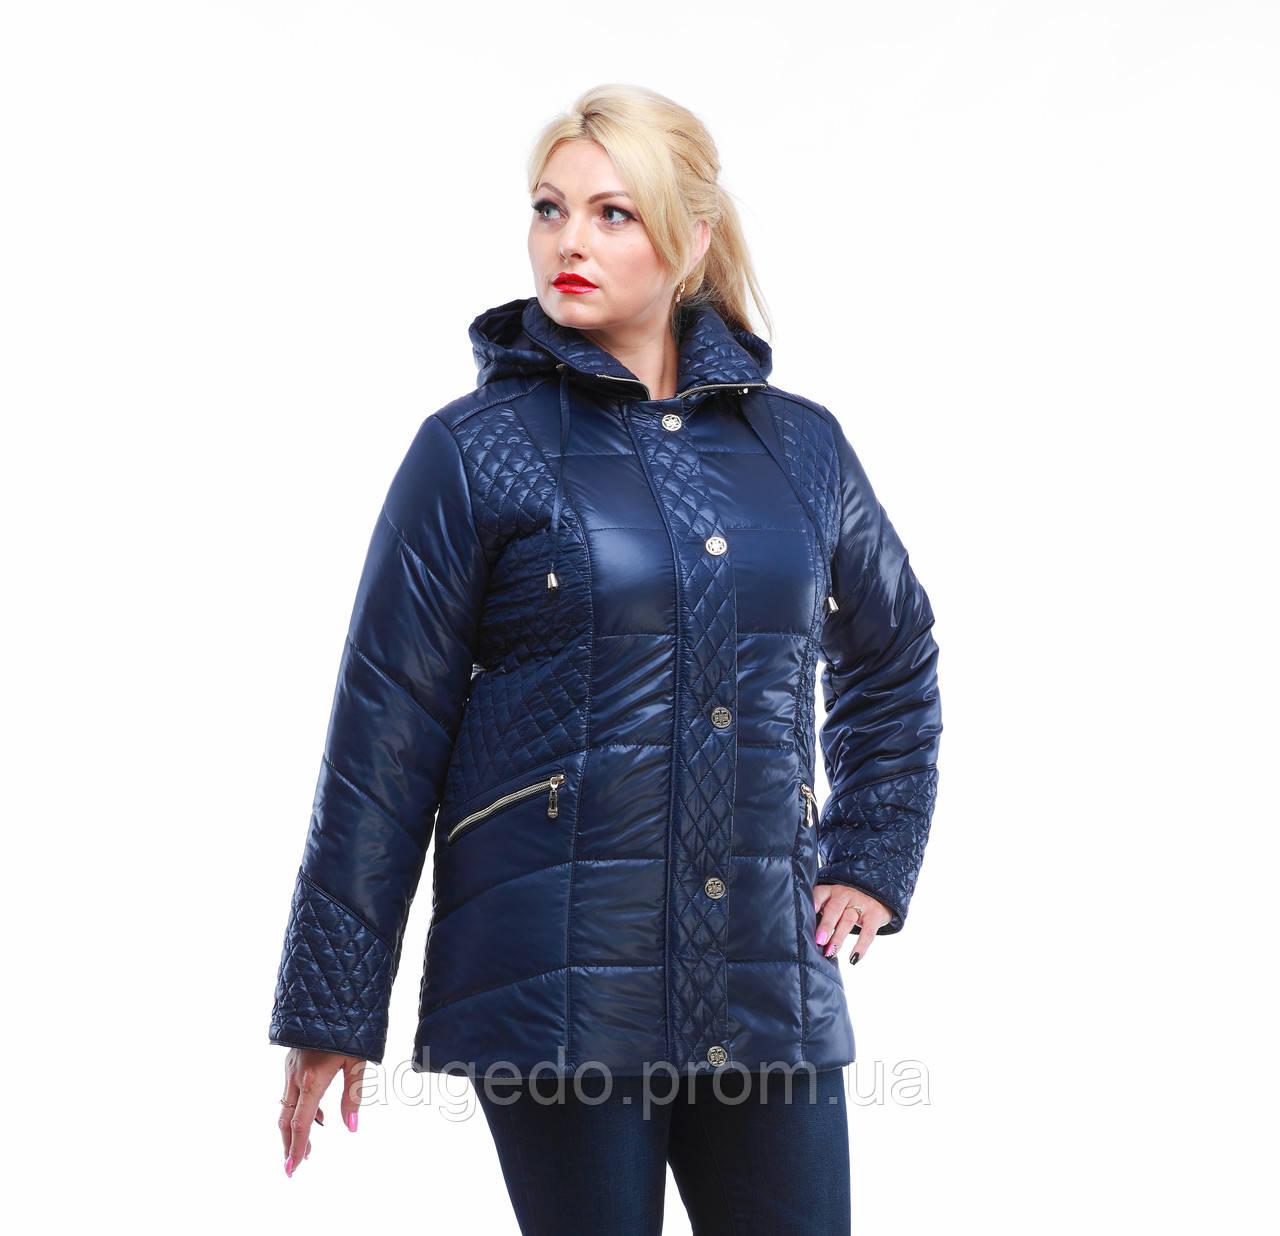 1b0602d5c7e Куртка женская демисезонная от производителя